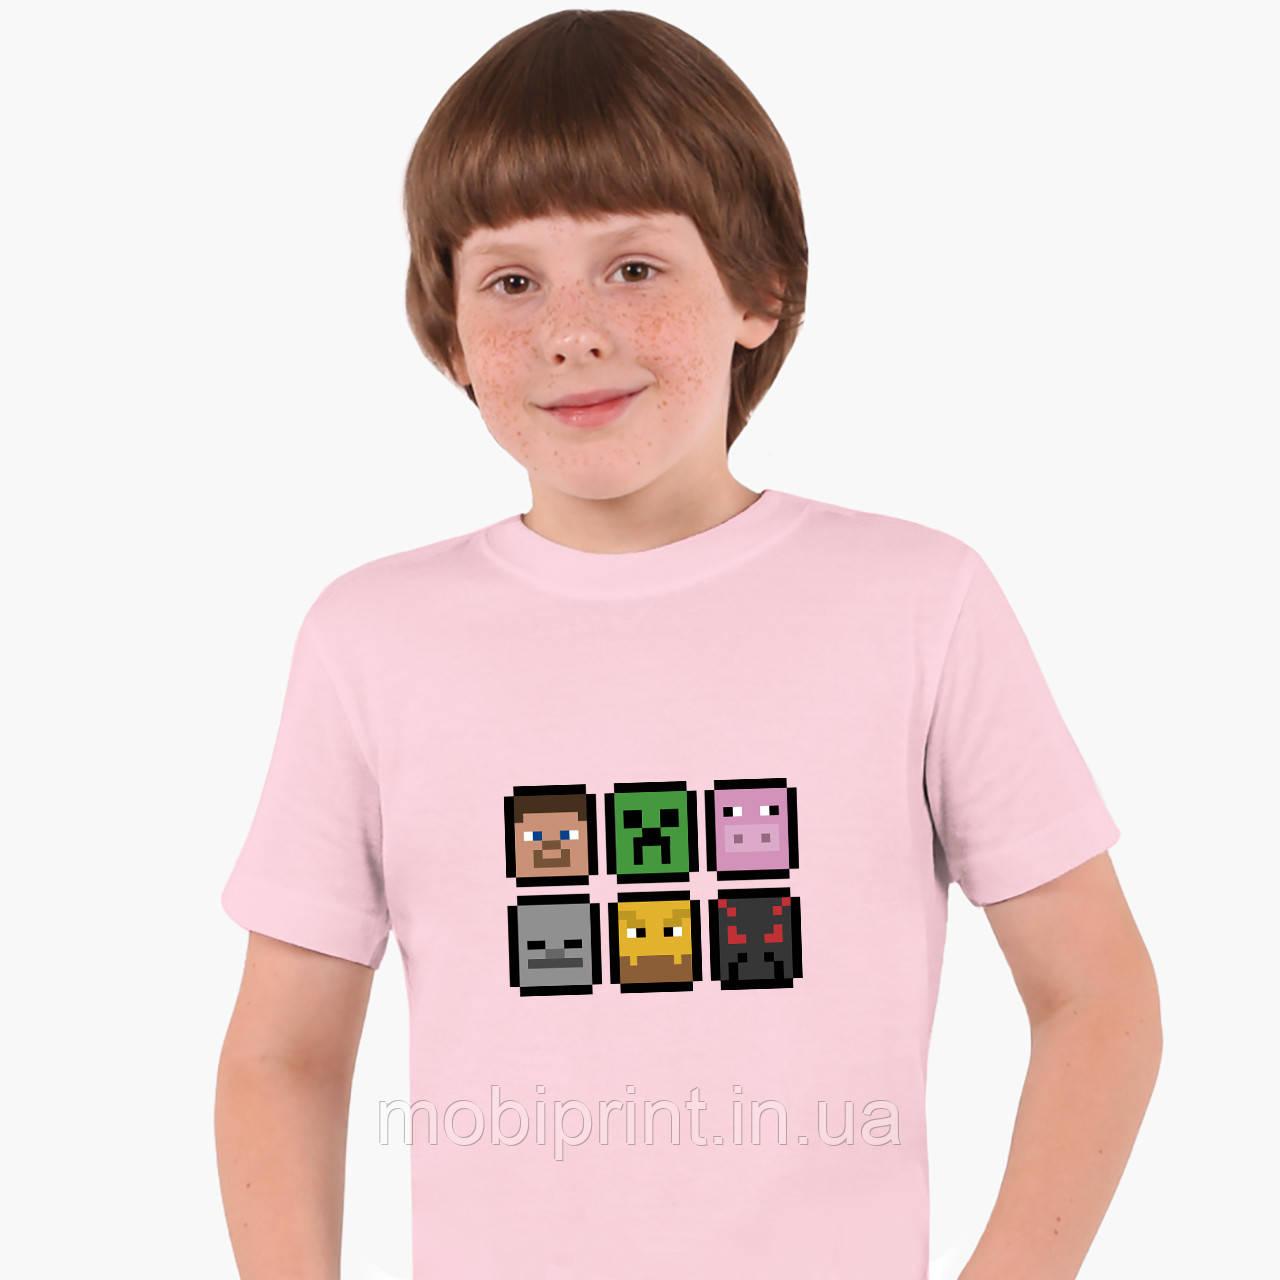 Детская футболка для мальчиков Майнкрафт (Minecraft) (25186-1173) Розовый